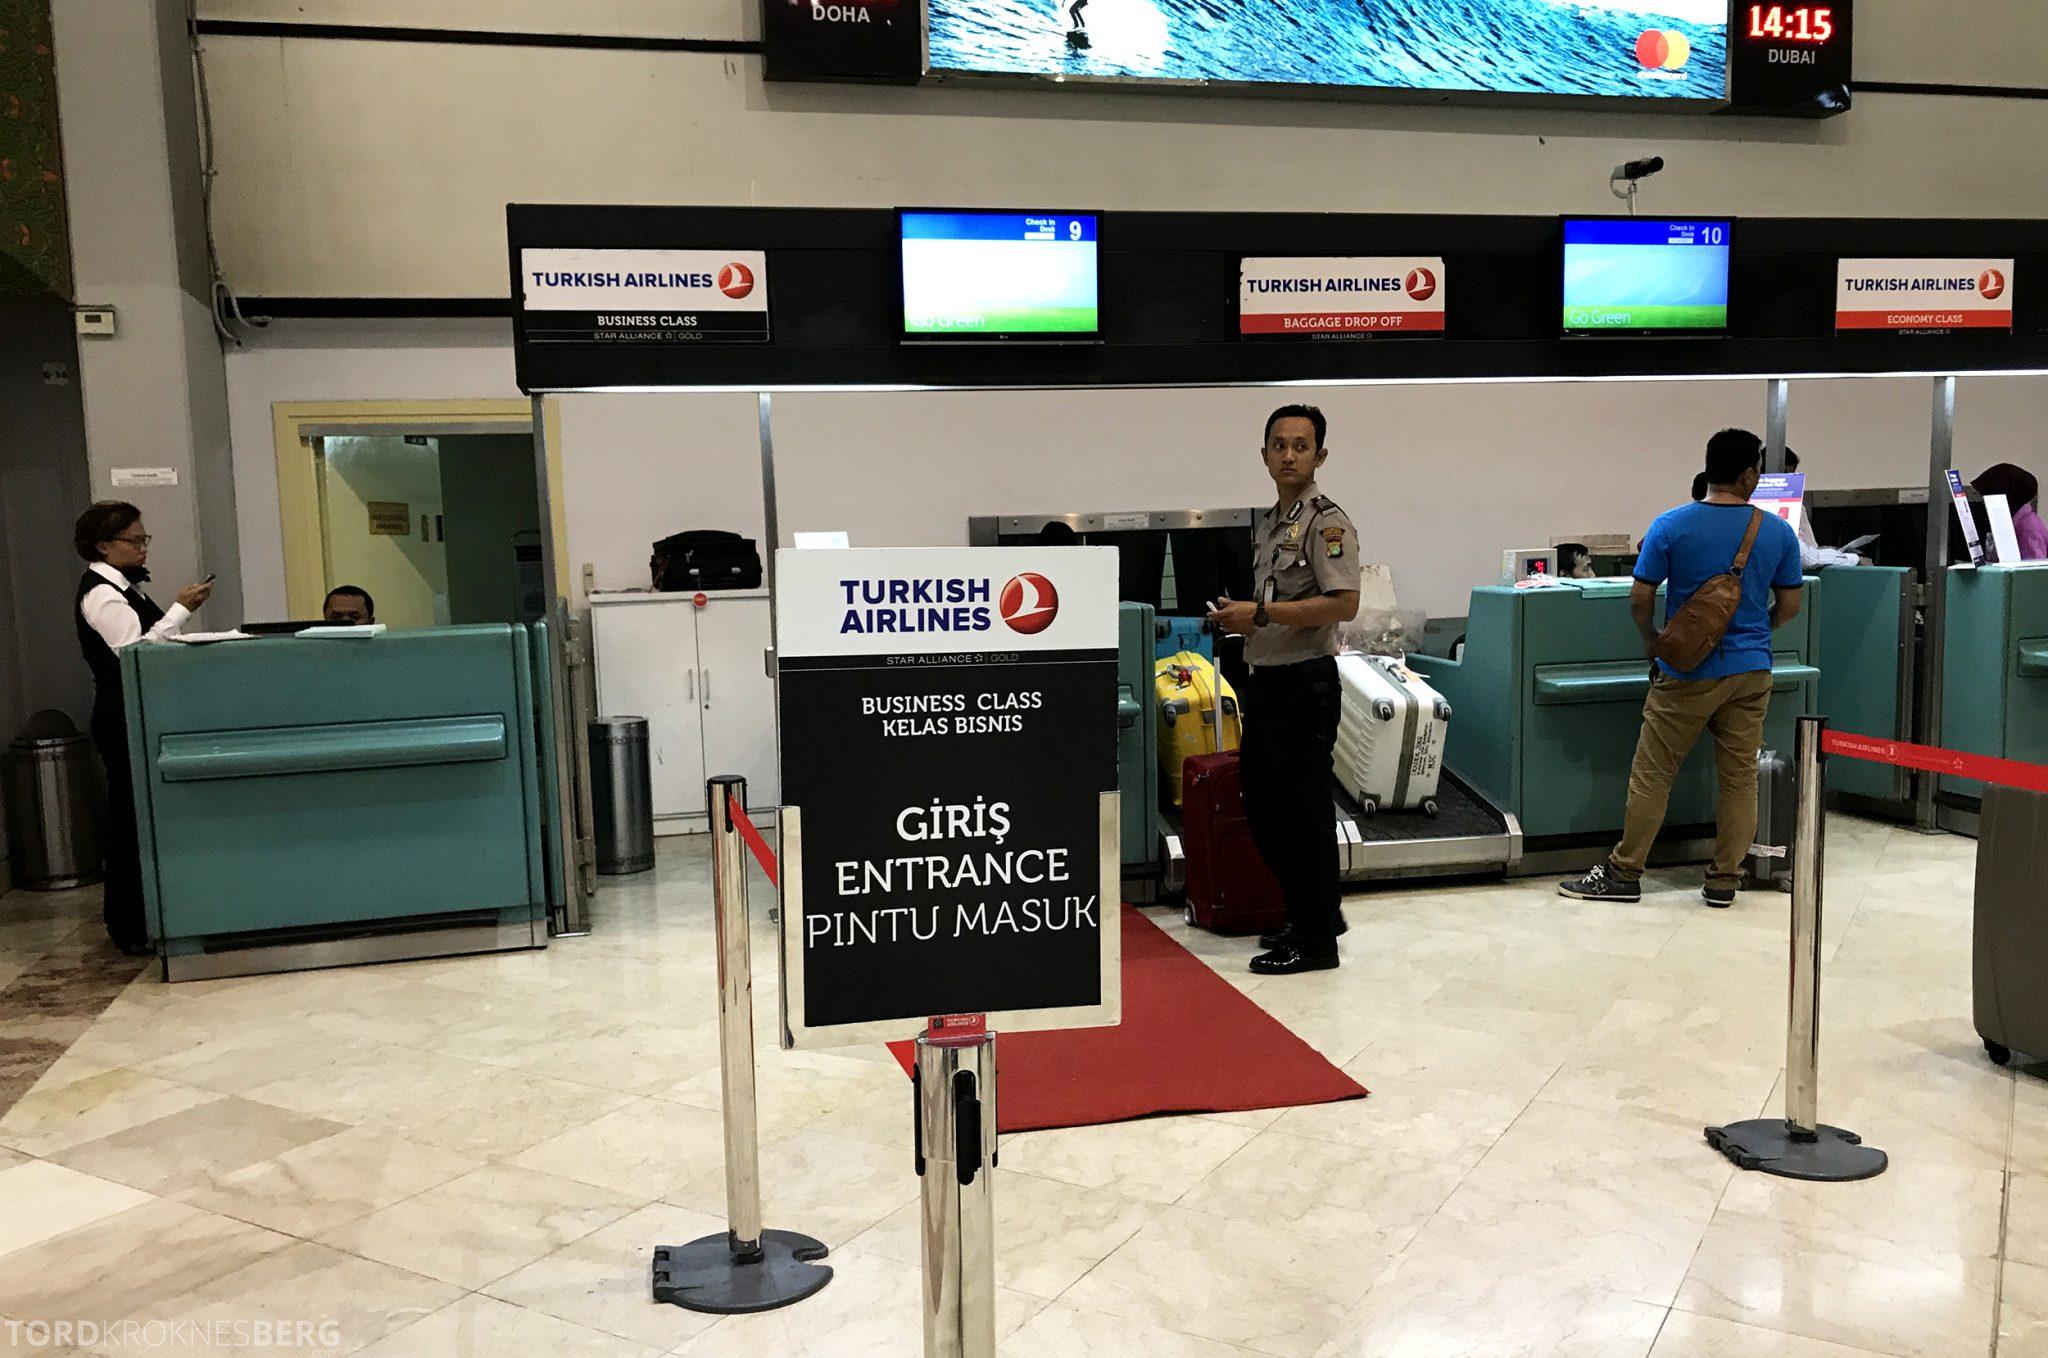 Premier Lounge Jakarta innsjekk